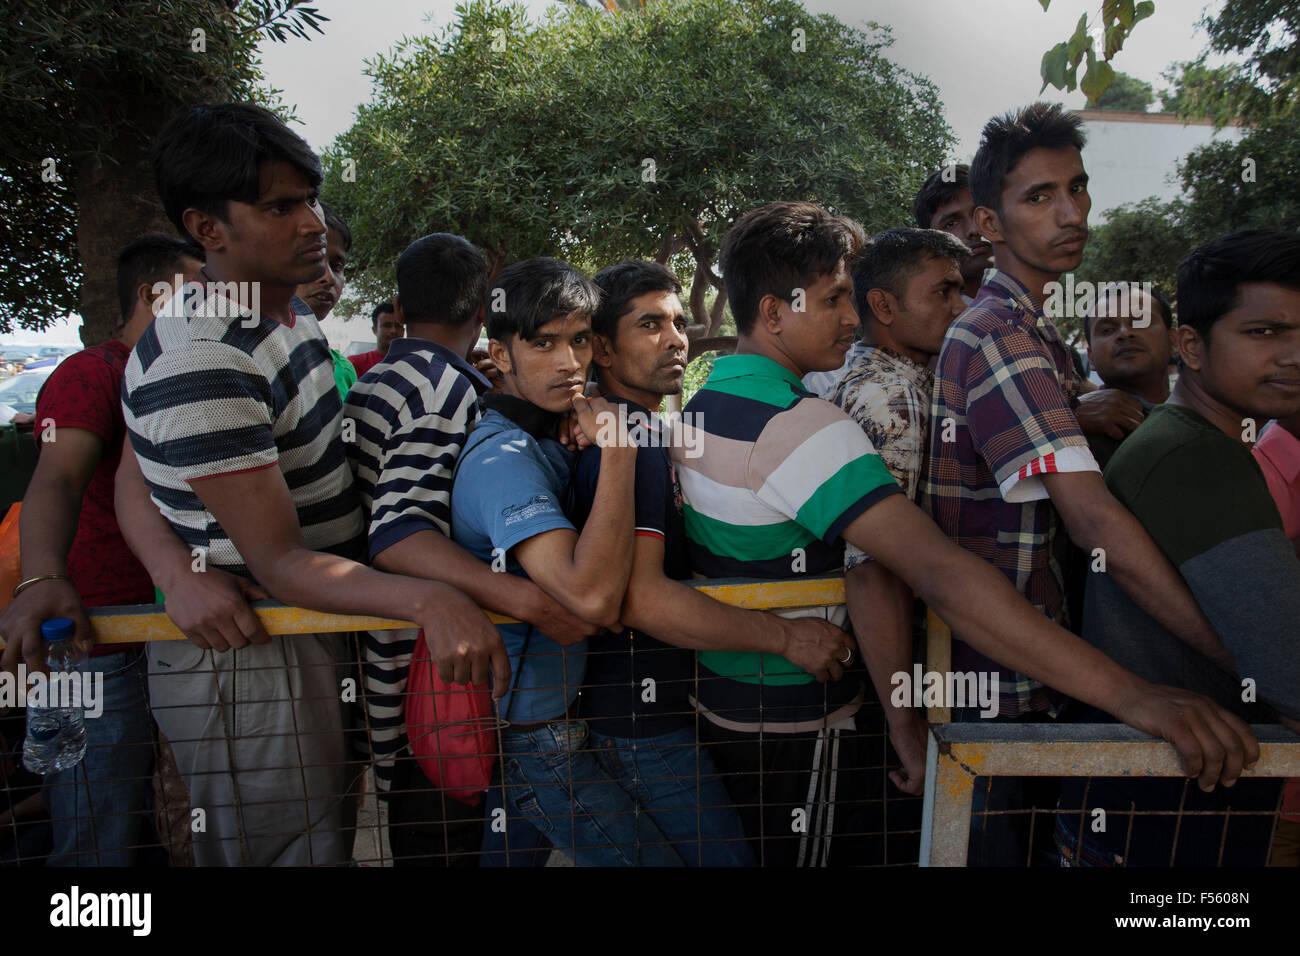 Obtener asilo requiere una larga espera en la estación de policía. Cientos de refugiados se encuentran Imagen De Stock